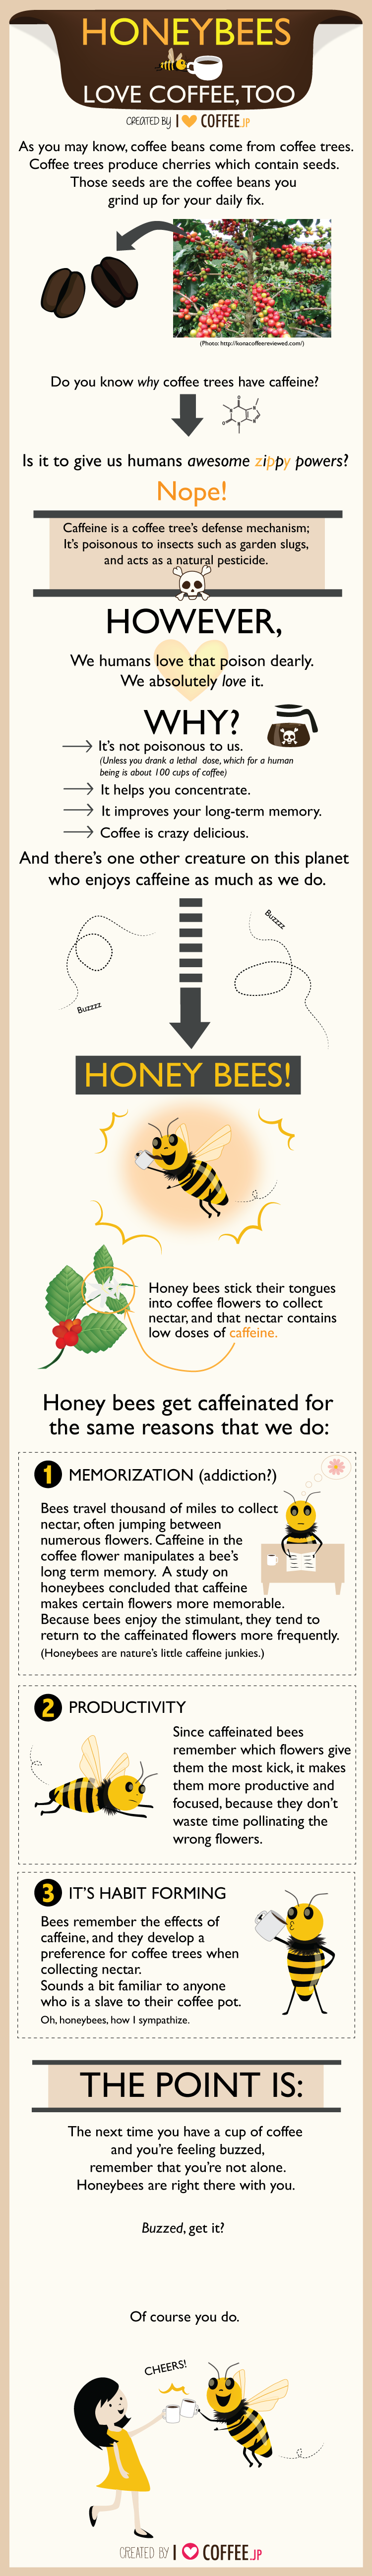 A las abejas también les gusta el café